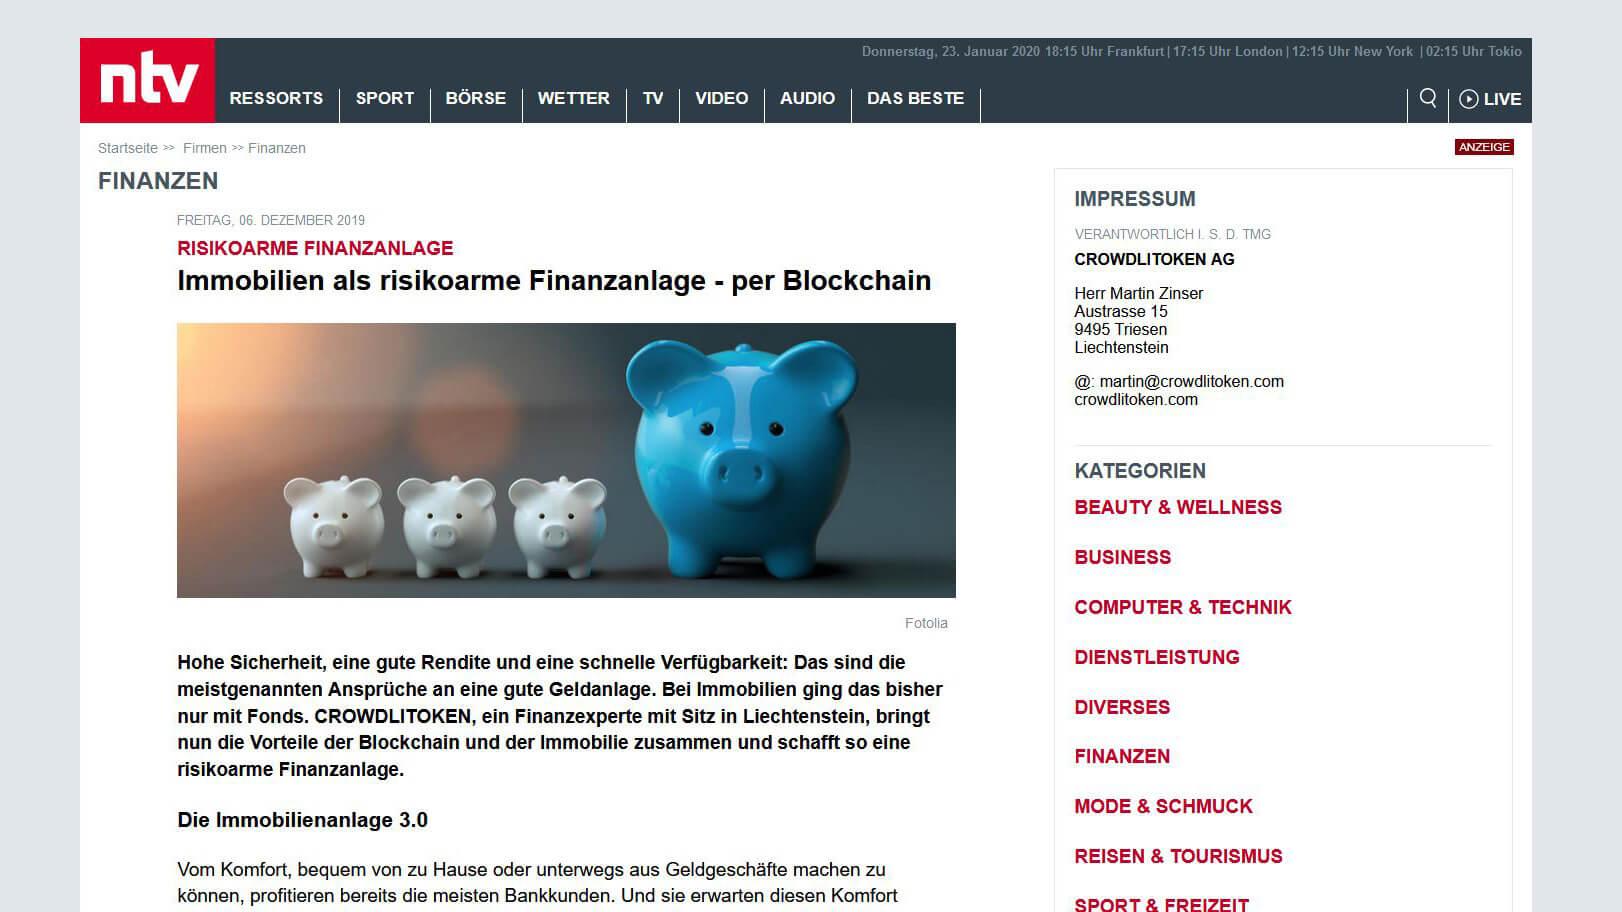 Bericht auf der ntv-Plattform